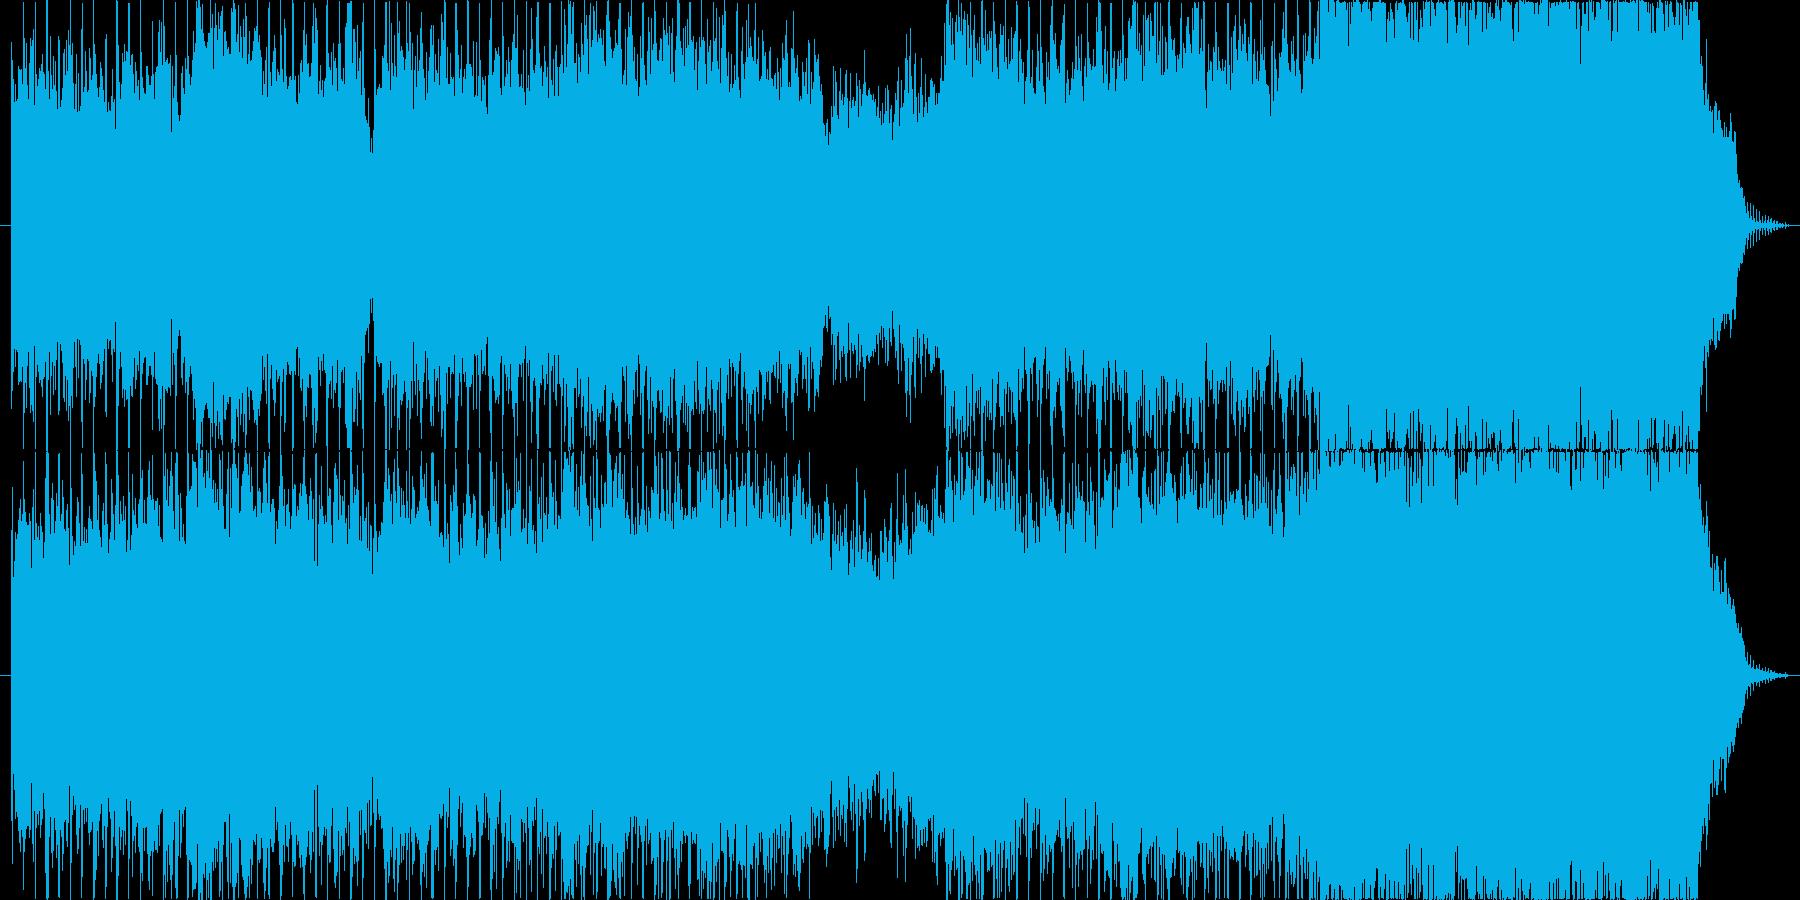 ゆったりした哀愁のあるSynthwaveの再生済みの波形